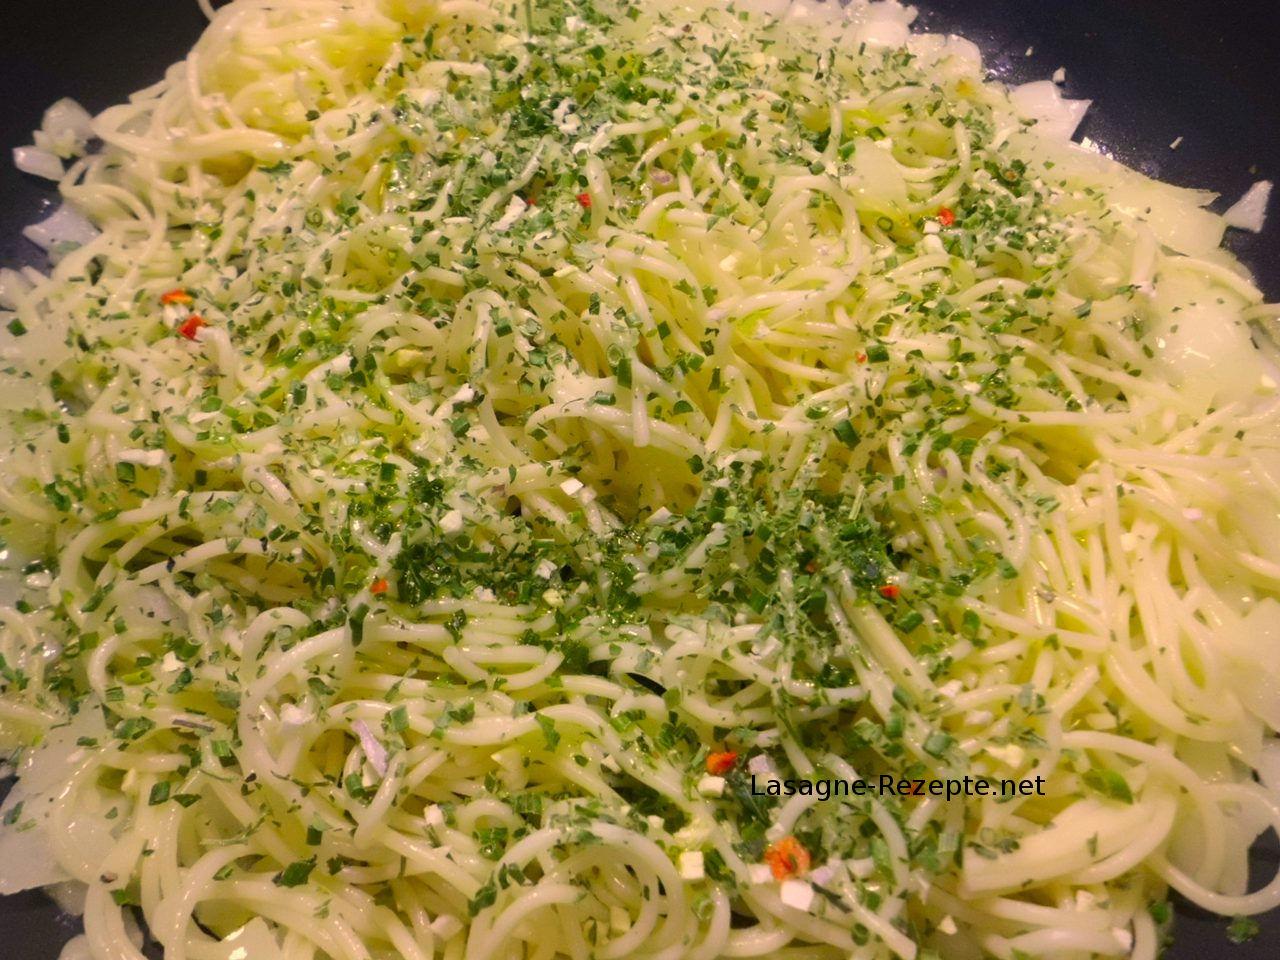 Spaghetti mit Kräuter vermischen